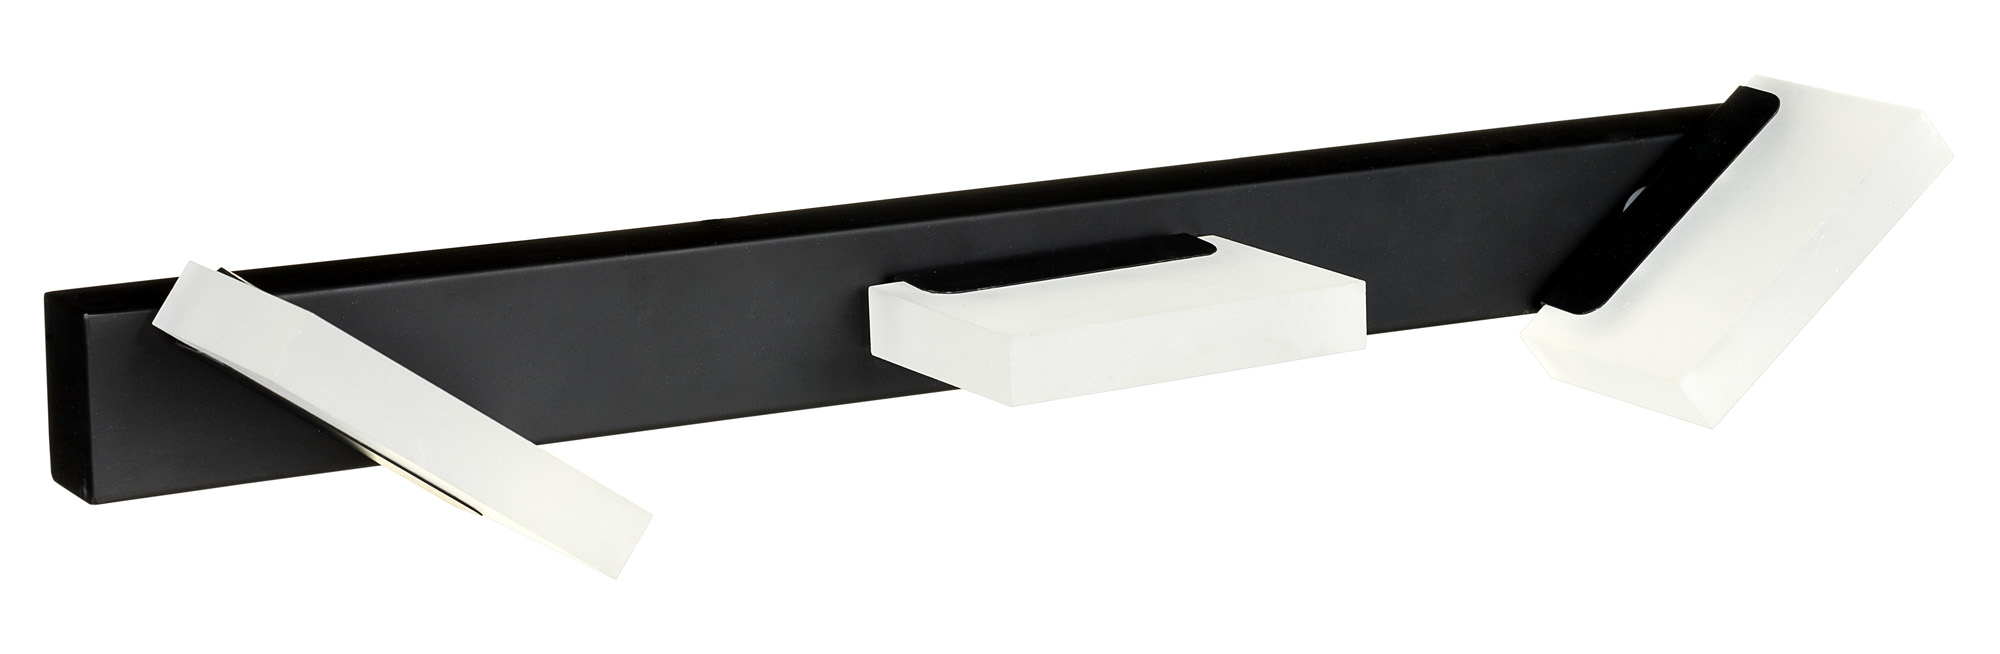 Kinkiet dekoracyjny LED AJE-ICARO 2 BLACK IP44